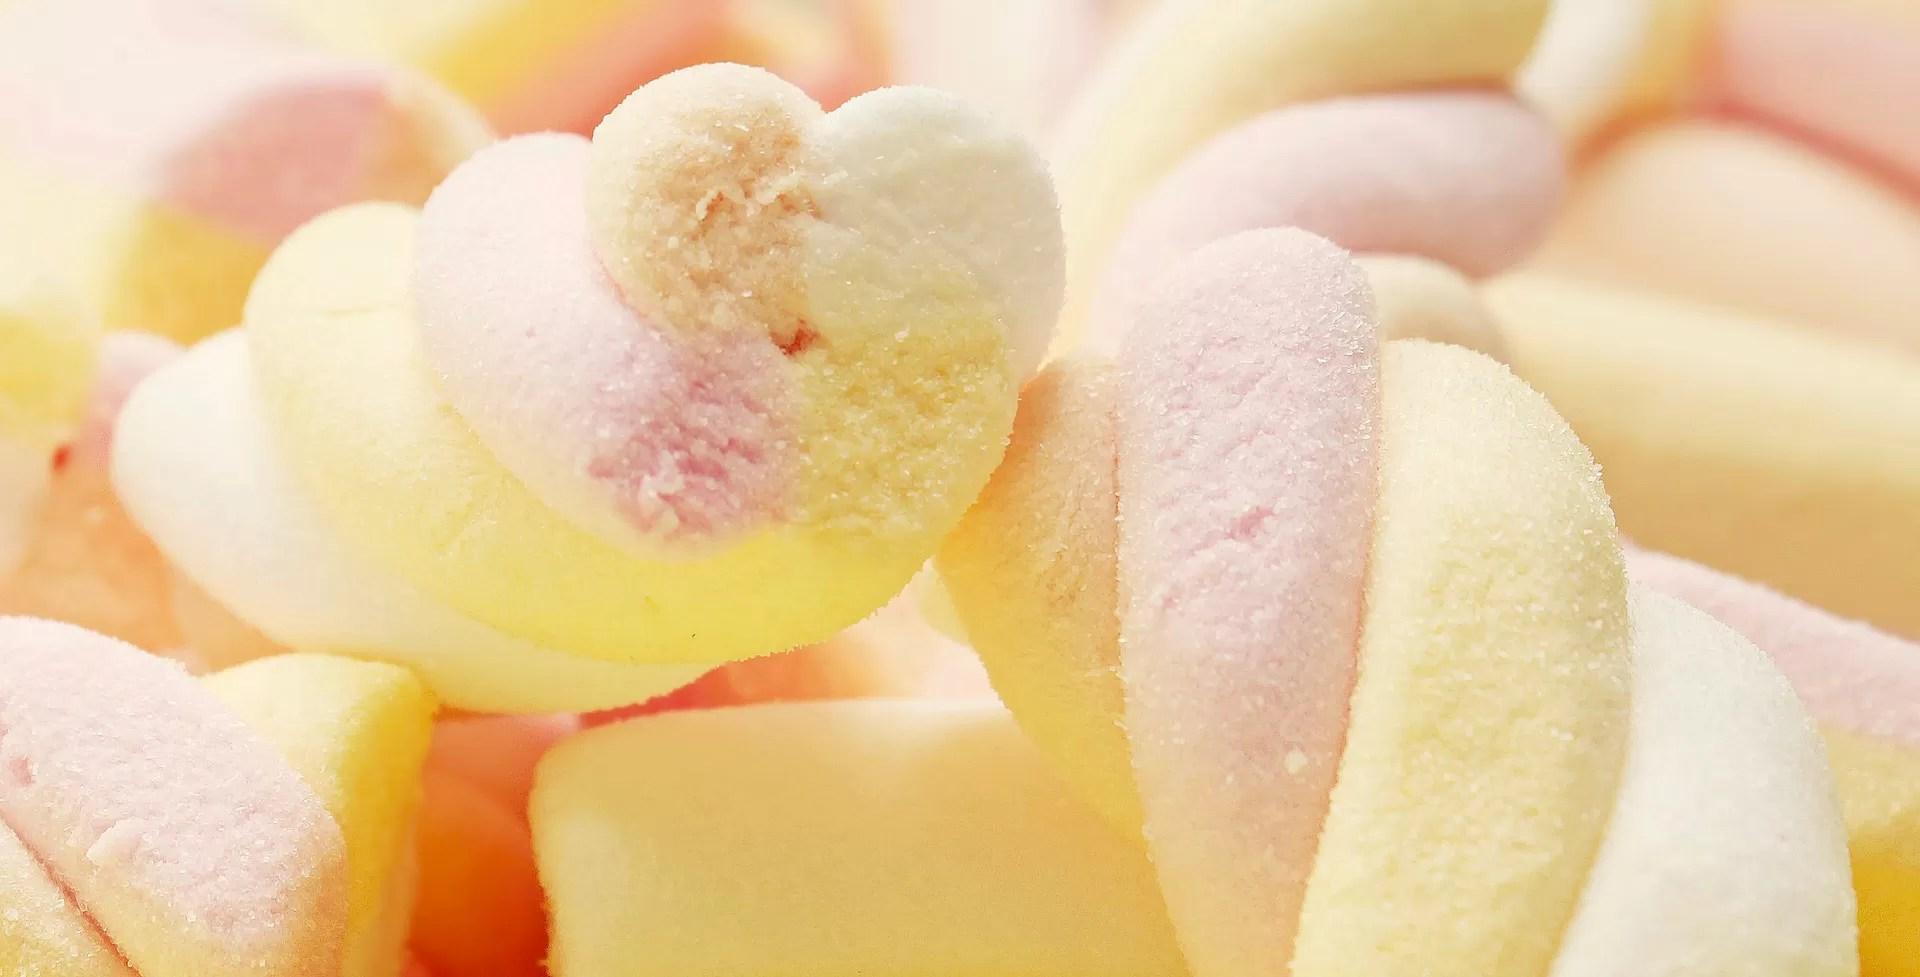 conseguenze negative del consumo eccessivo di zucchero marshmellows